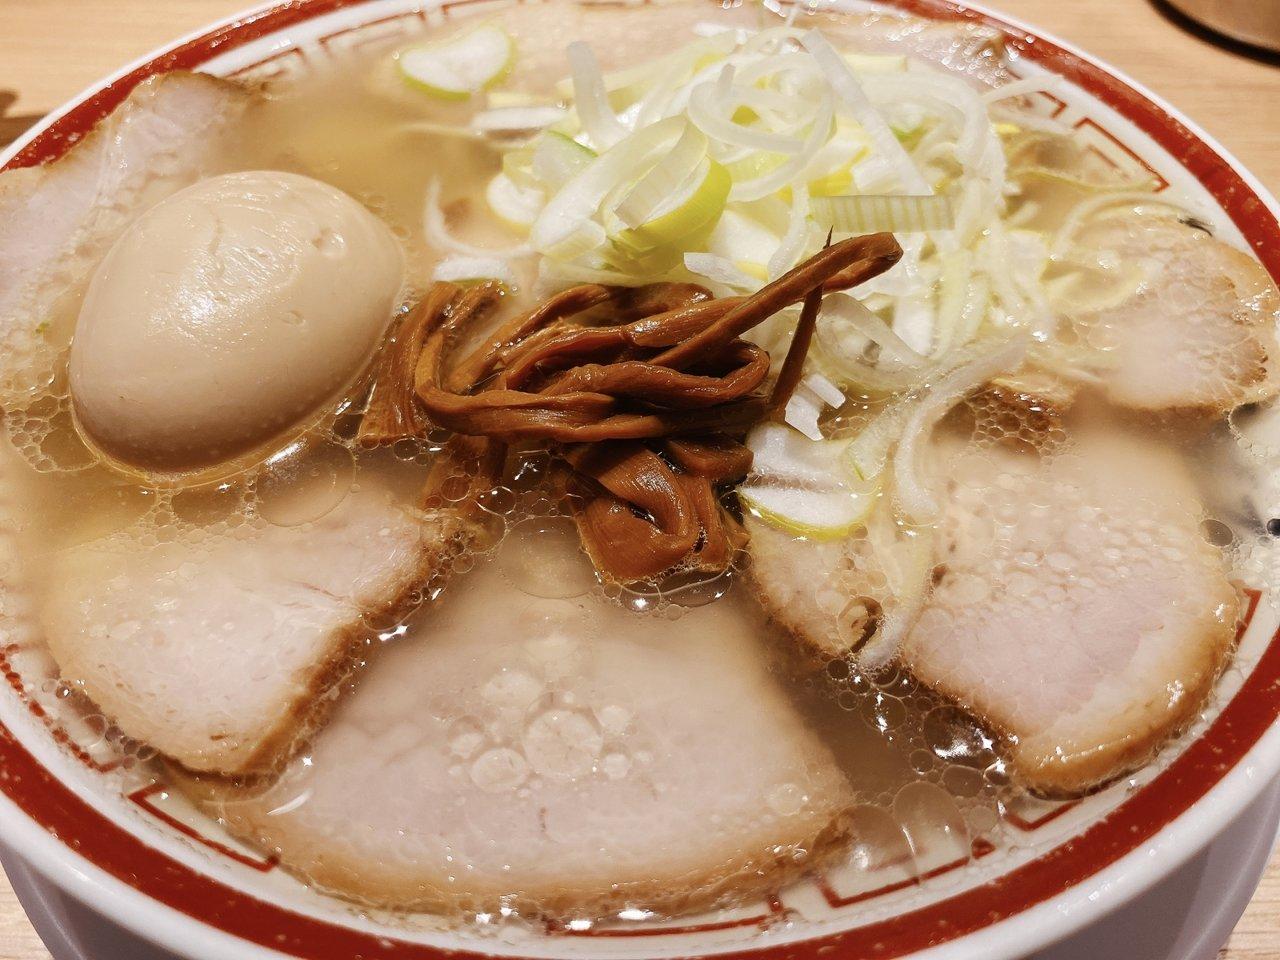 東京ローカルのおいしいラーメンがたべたい 肉そば